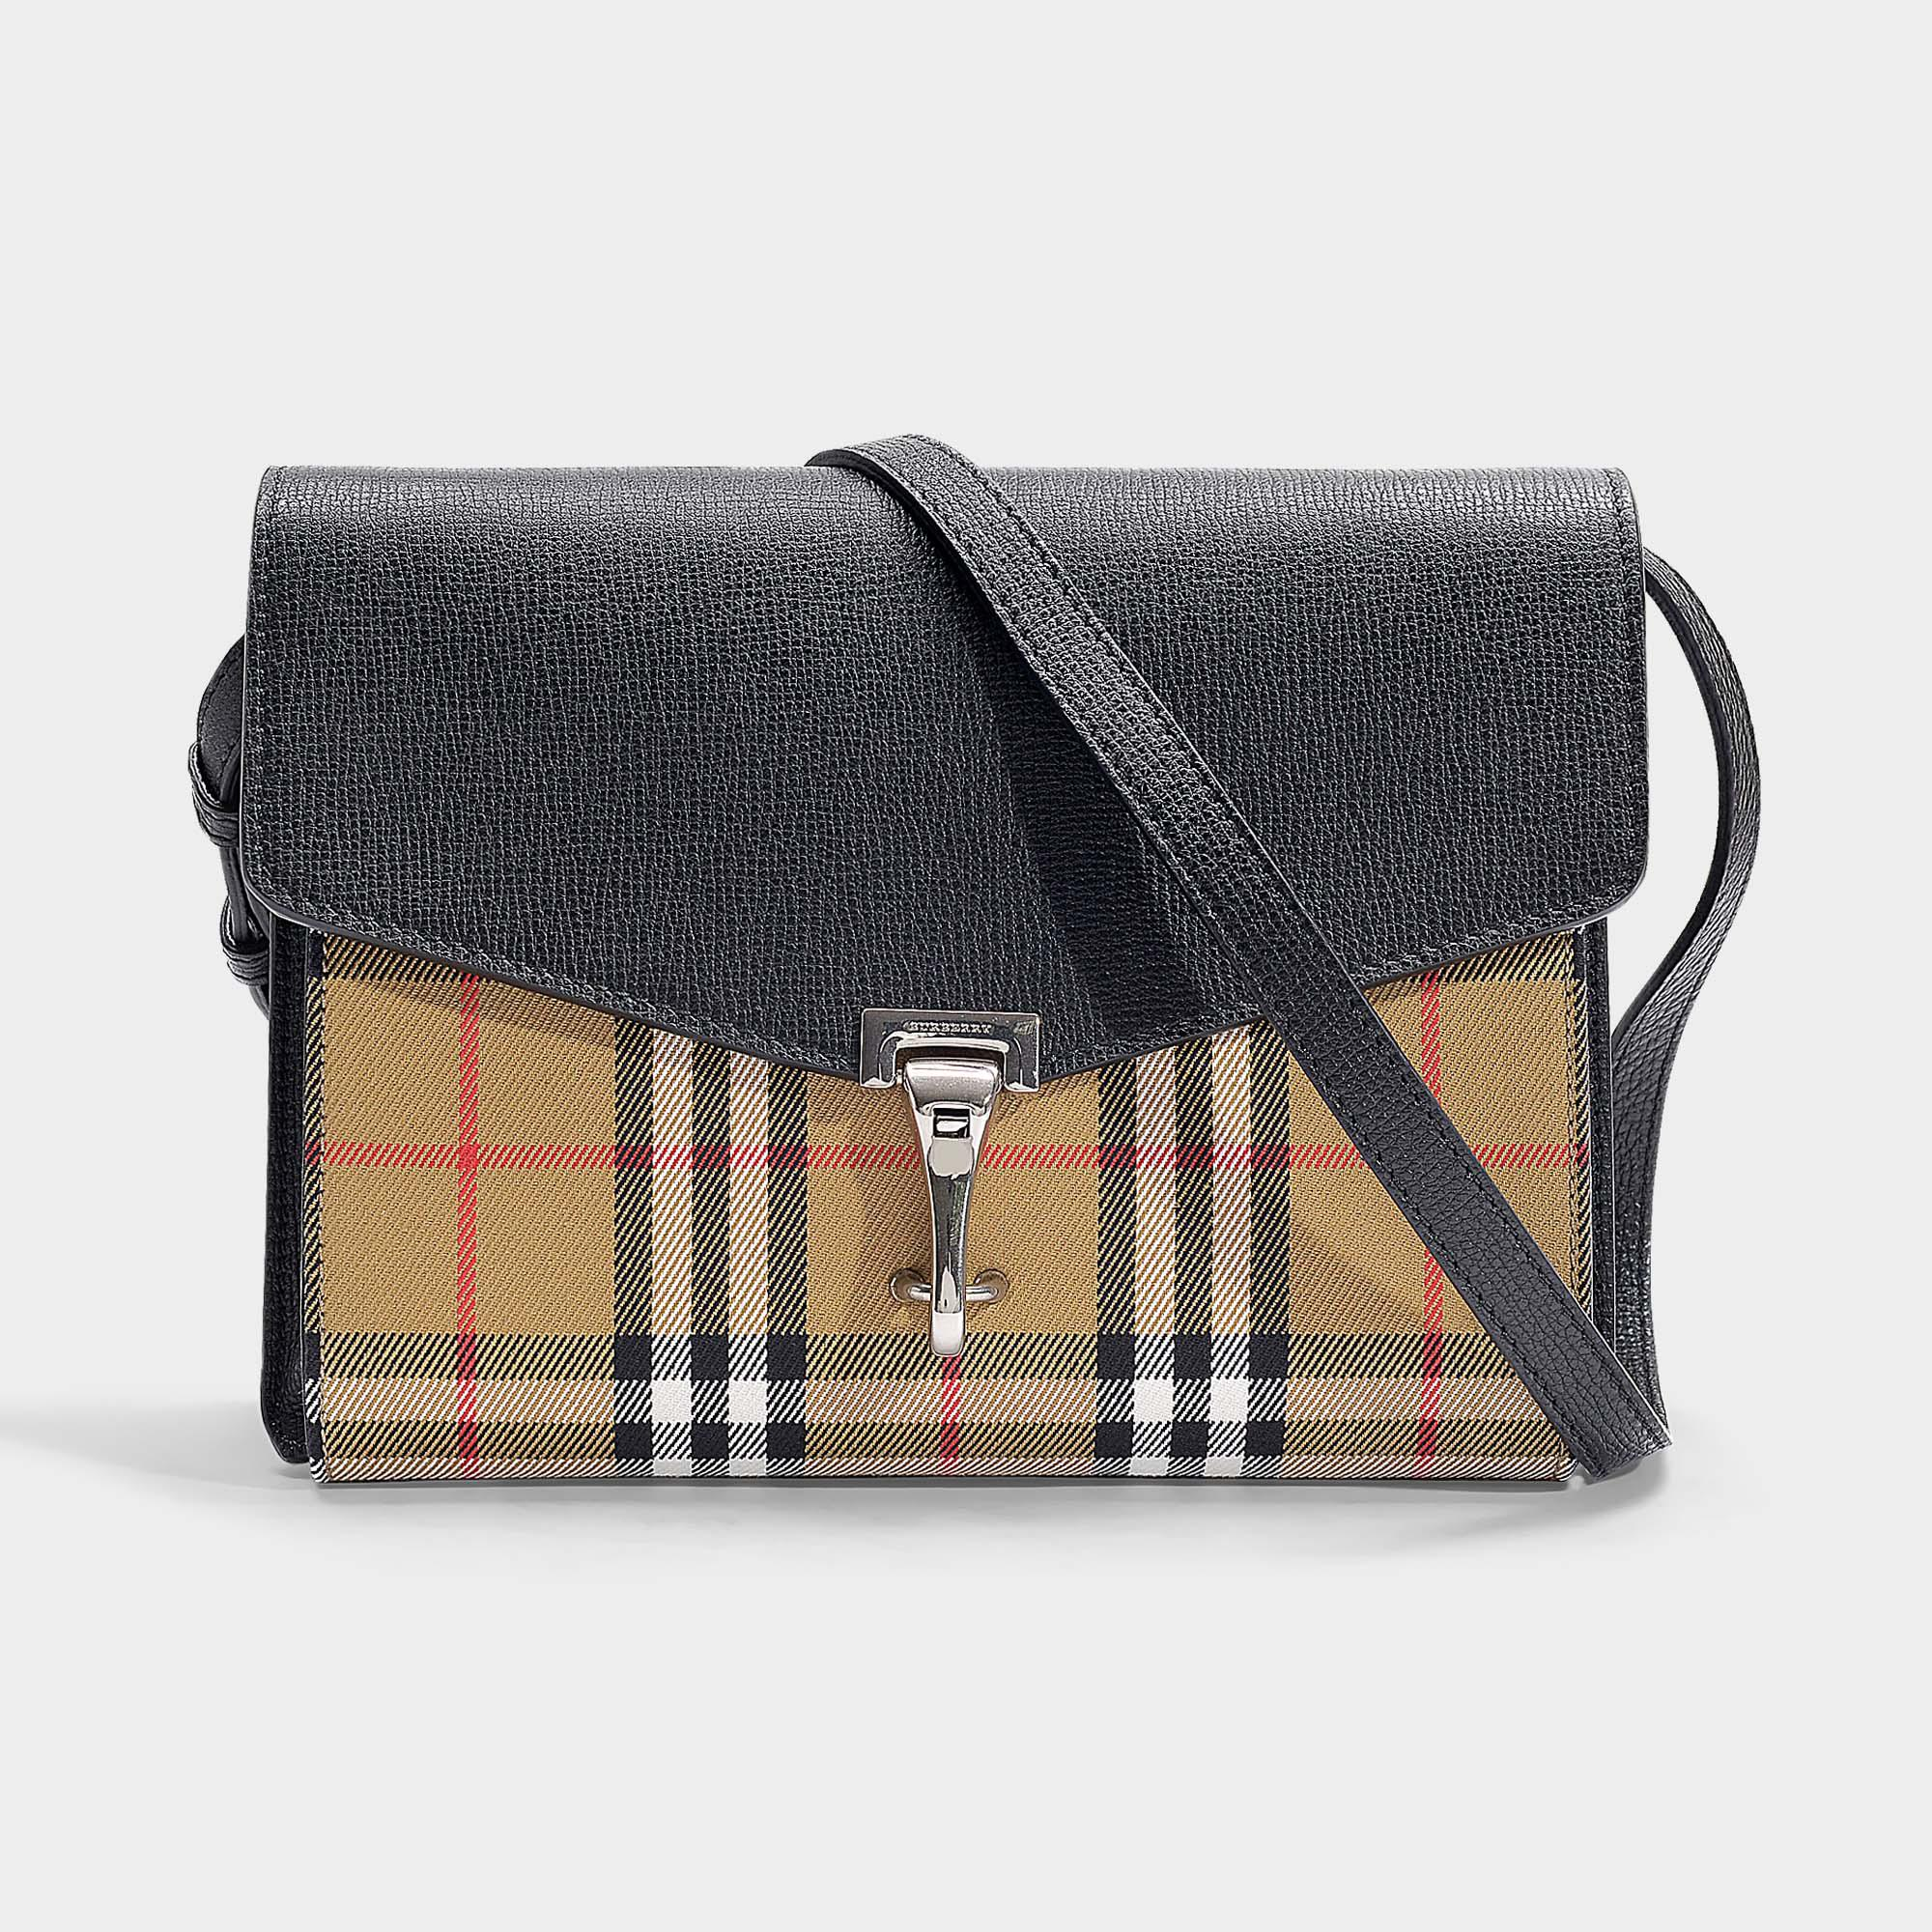 b5db3967b32d6 Burberry Kleine Handtasche The Macken aus Vintage Check Stoff und ...